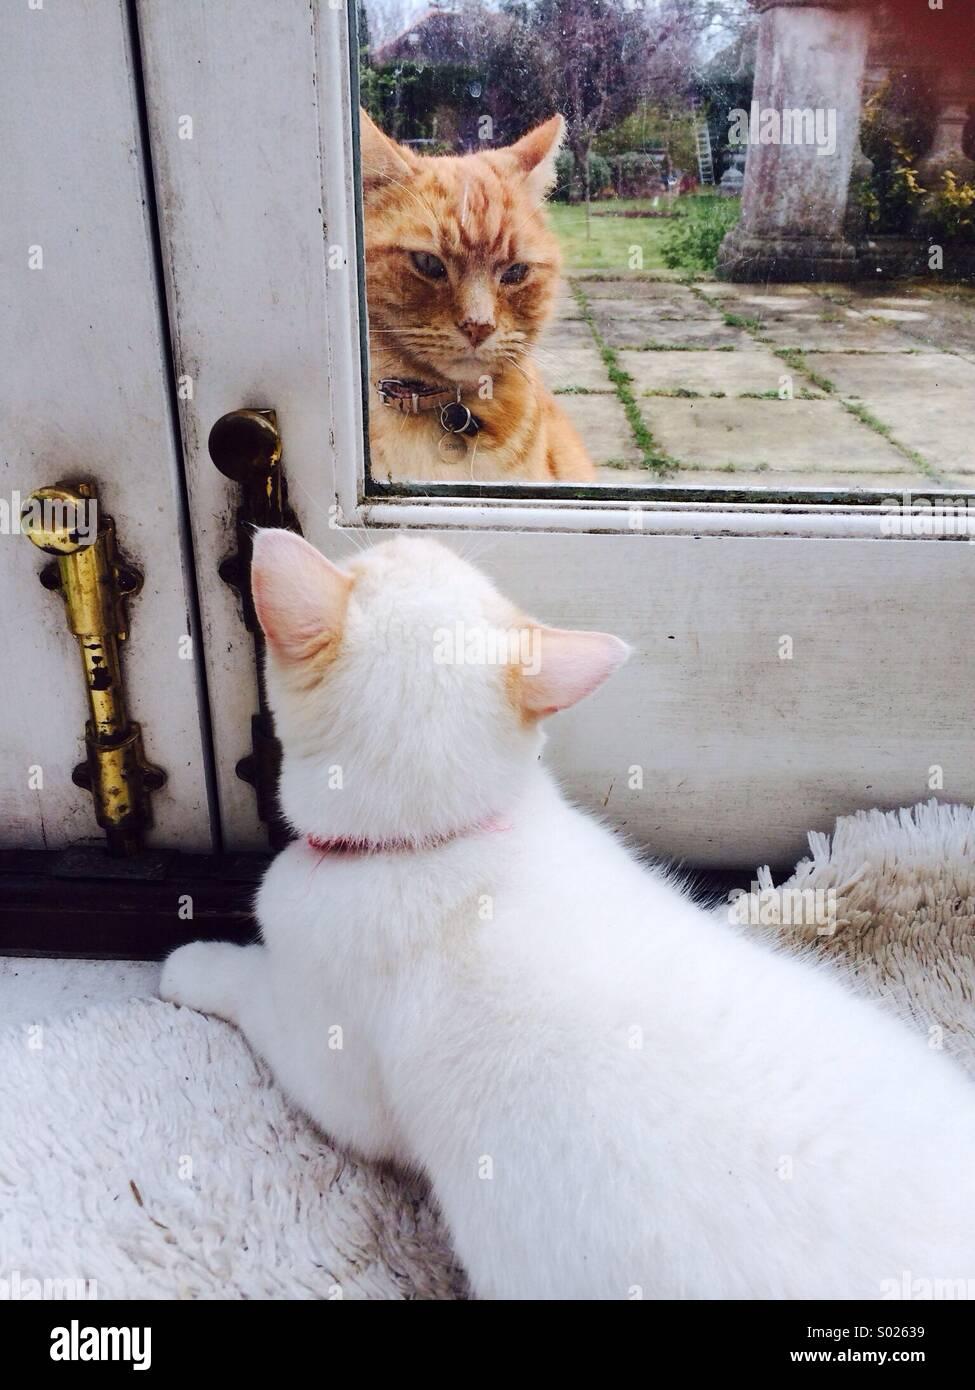 Visitatore presso la porta all'interno di cat e fuori cat Immagini Stock